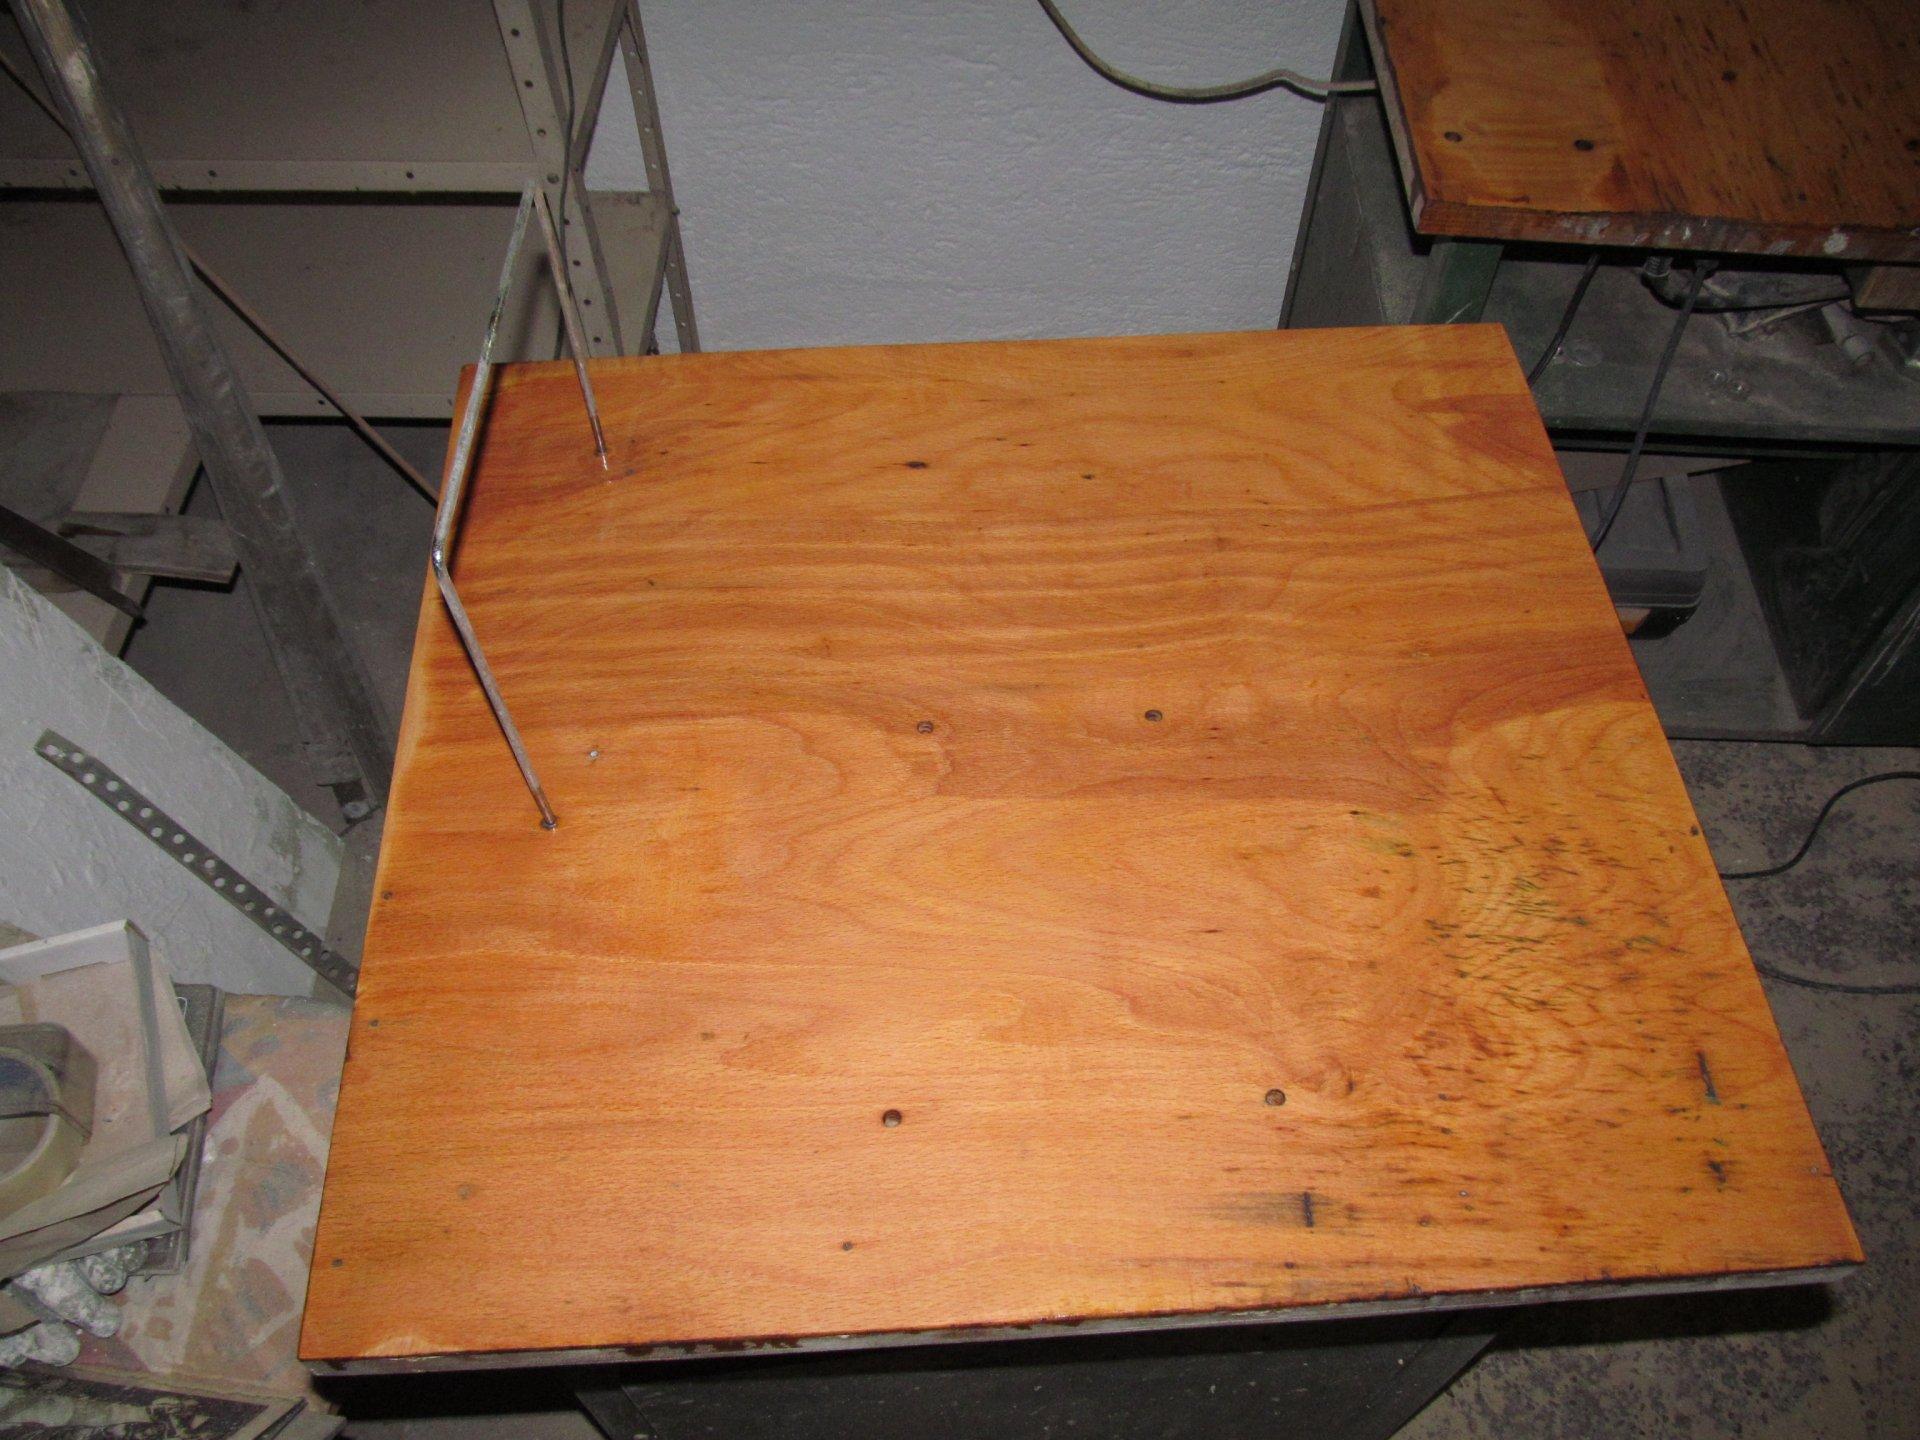 Holztisch aufarbeiten - Farbige Lasur oder Öl